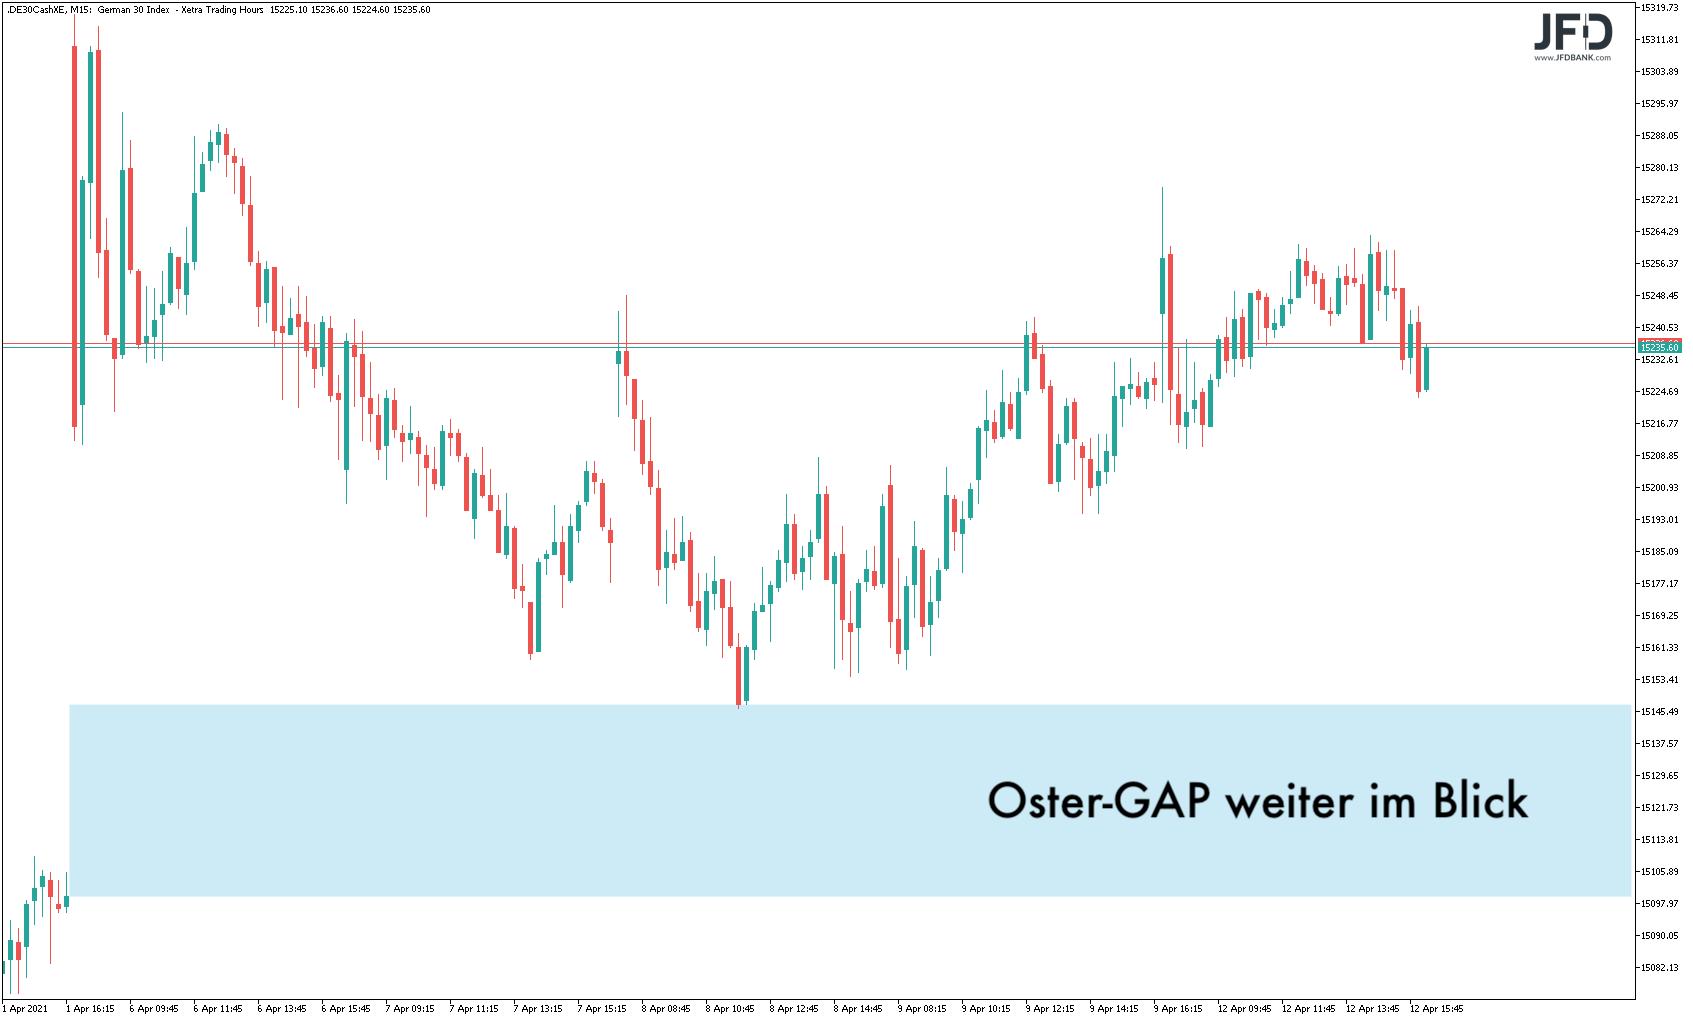 Der-Oster-Schwung-ist-raus-Kommentar-JFD-Bank-GodmodeTrader.de-5